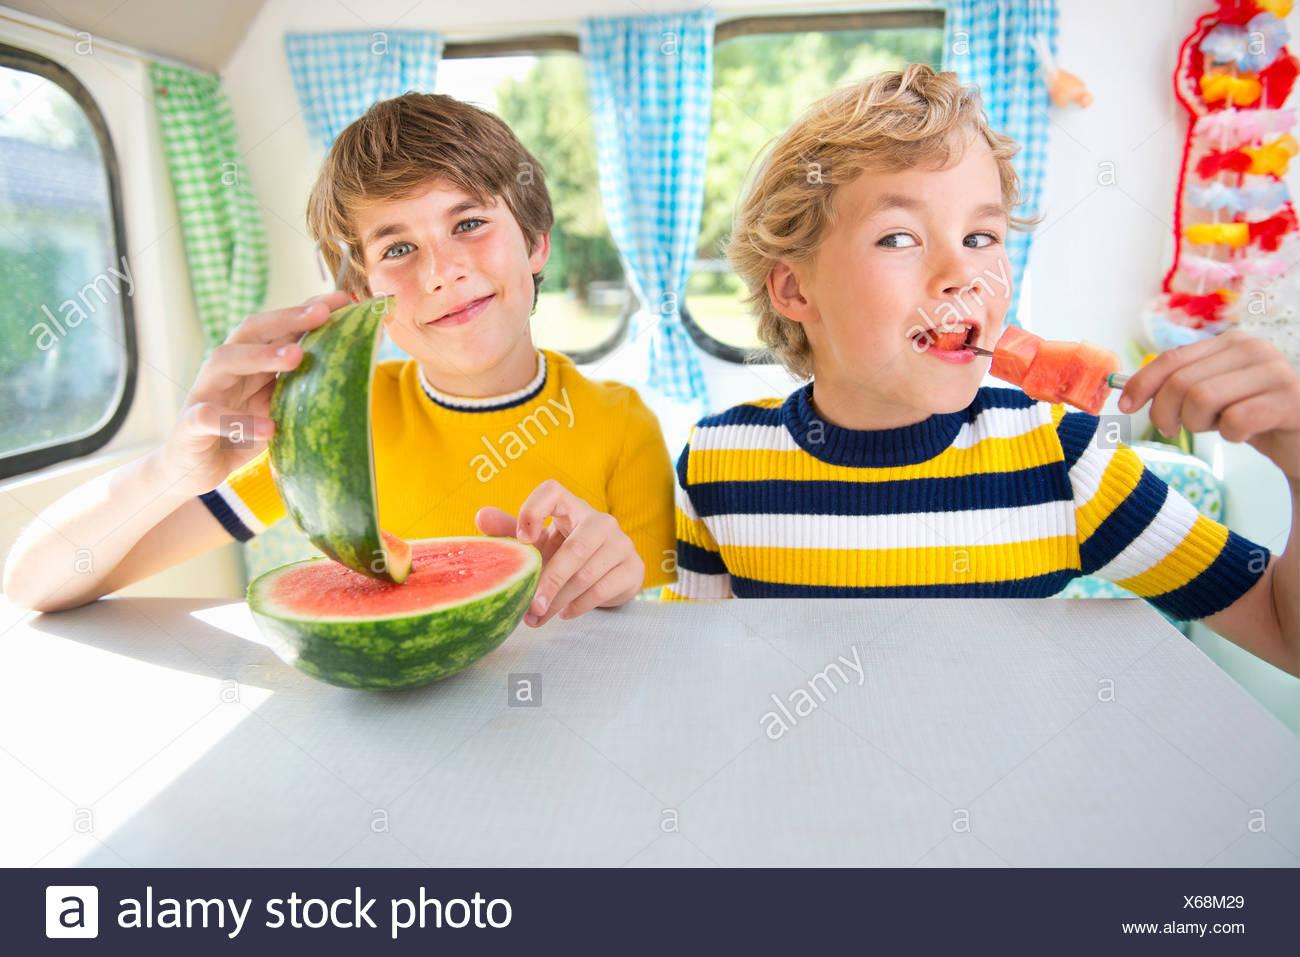 Los niños comiendo sandía en caravana, Retrato Imagen De Stock